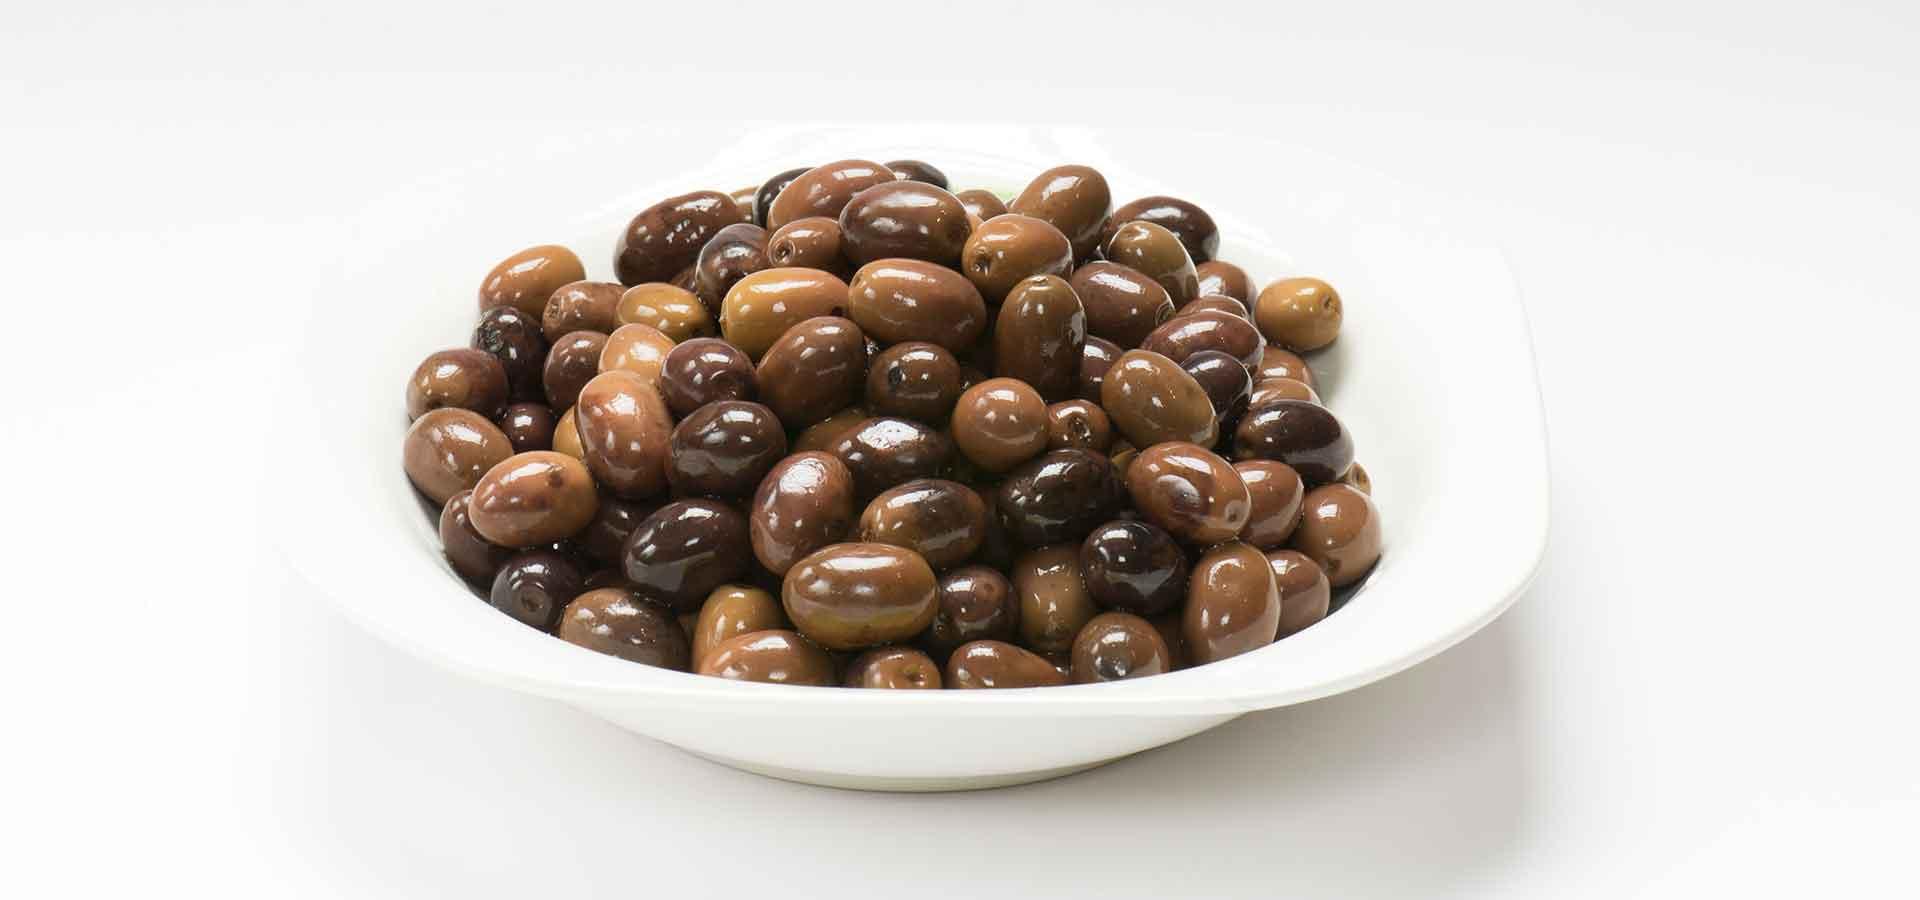 olive-taggiasche-coppa